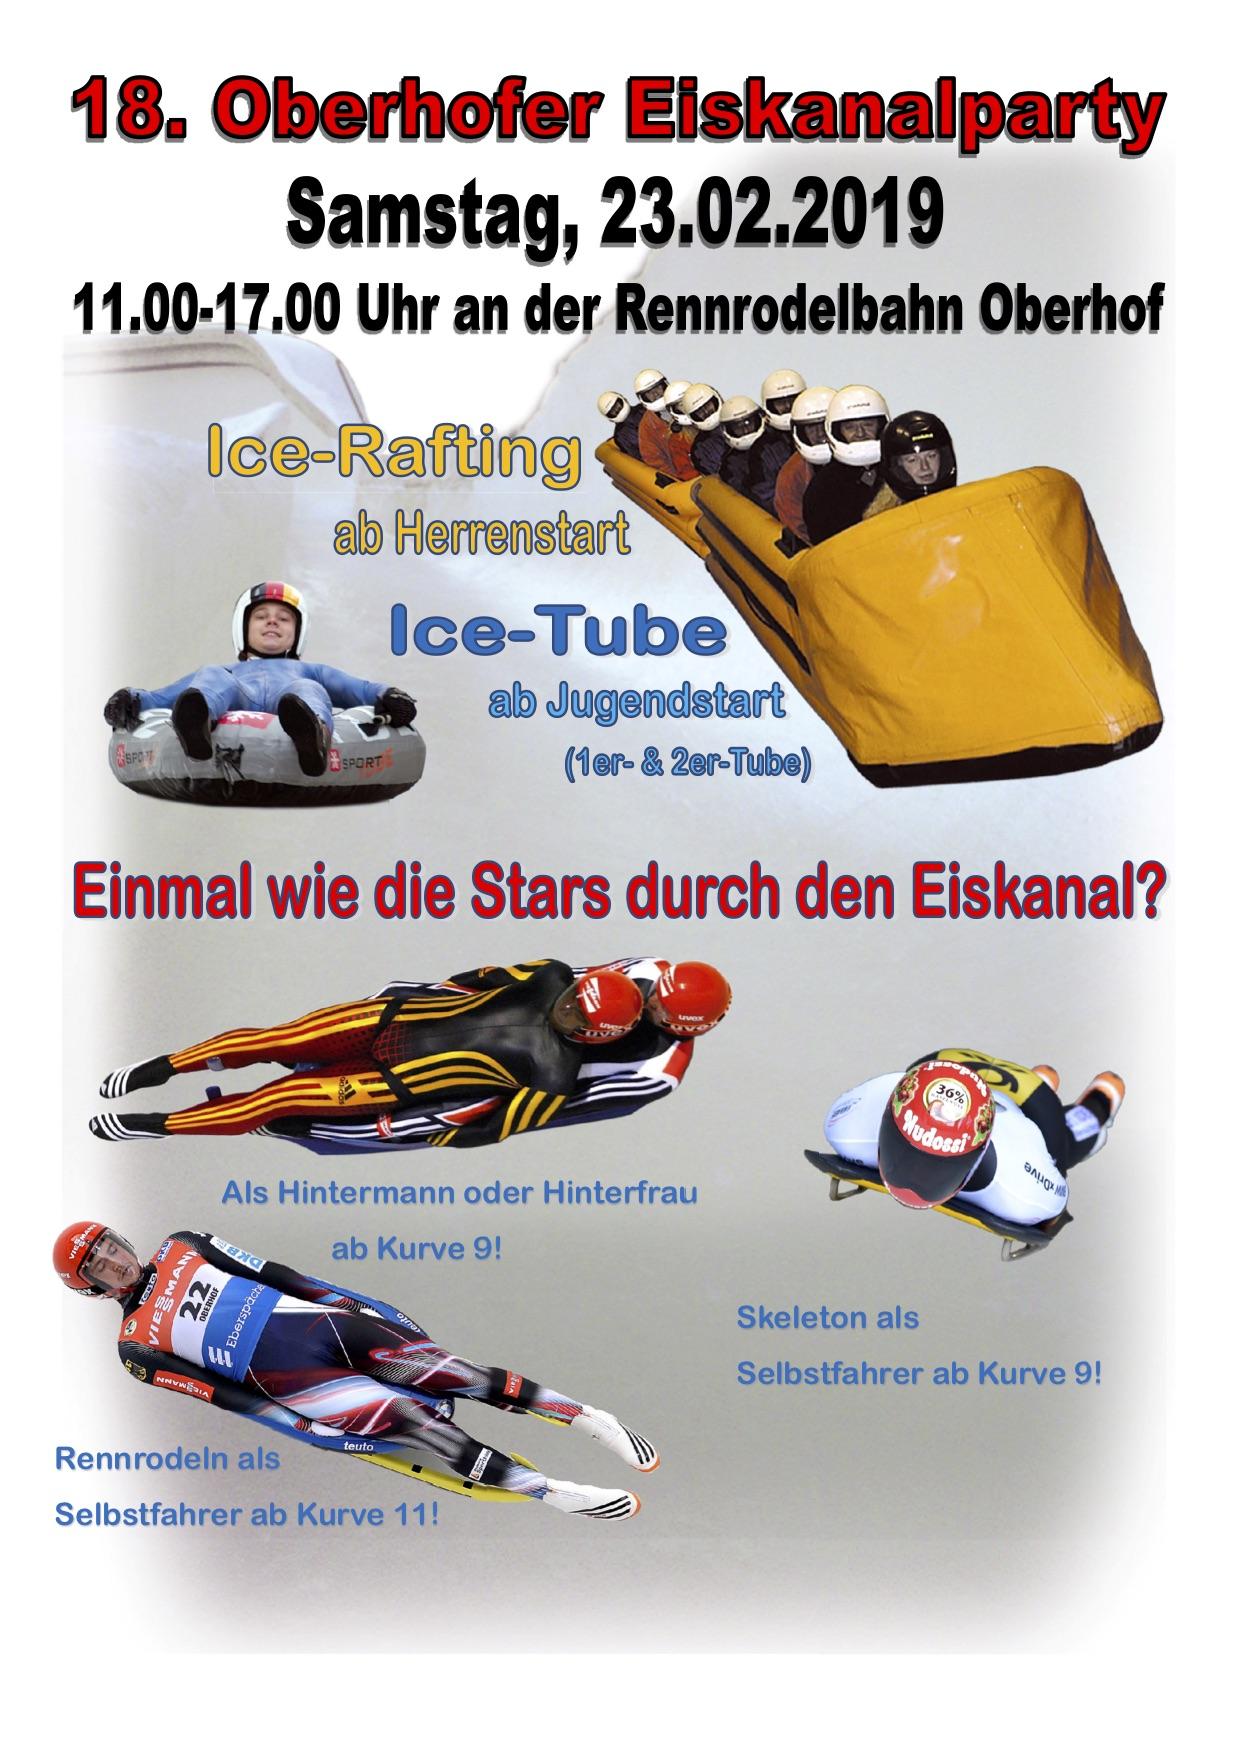 18. Oberhofer Eiskanalparty am 23.2.19